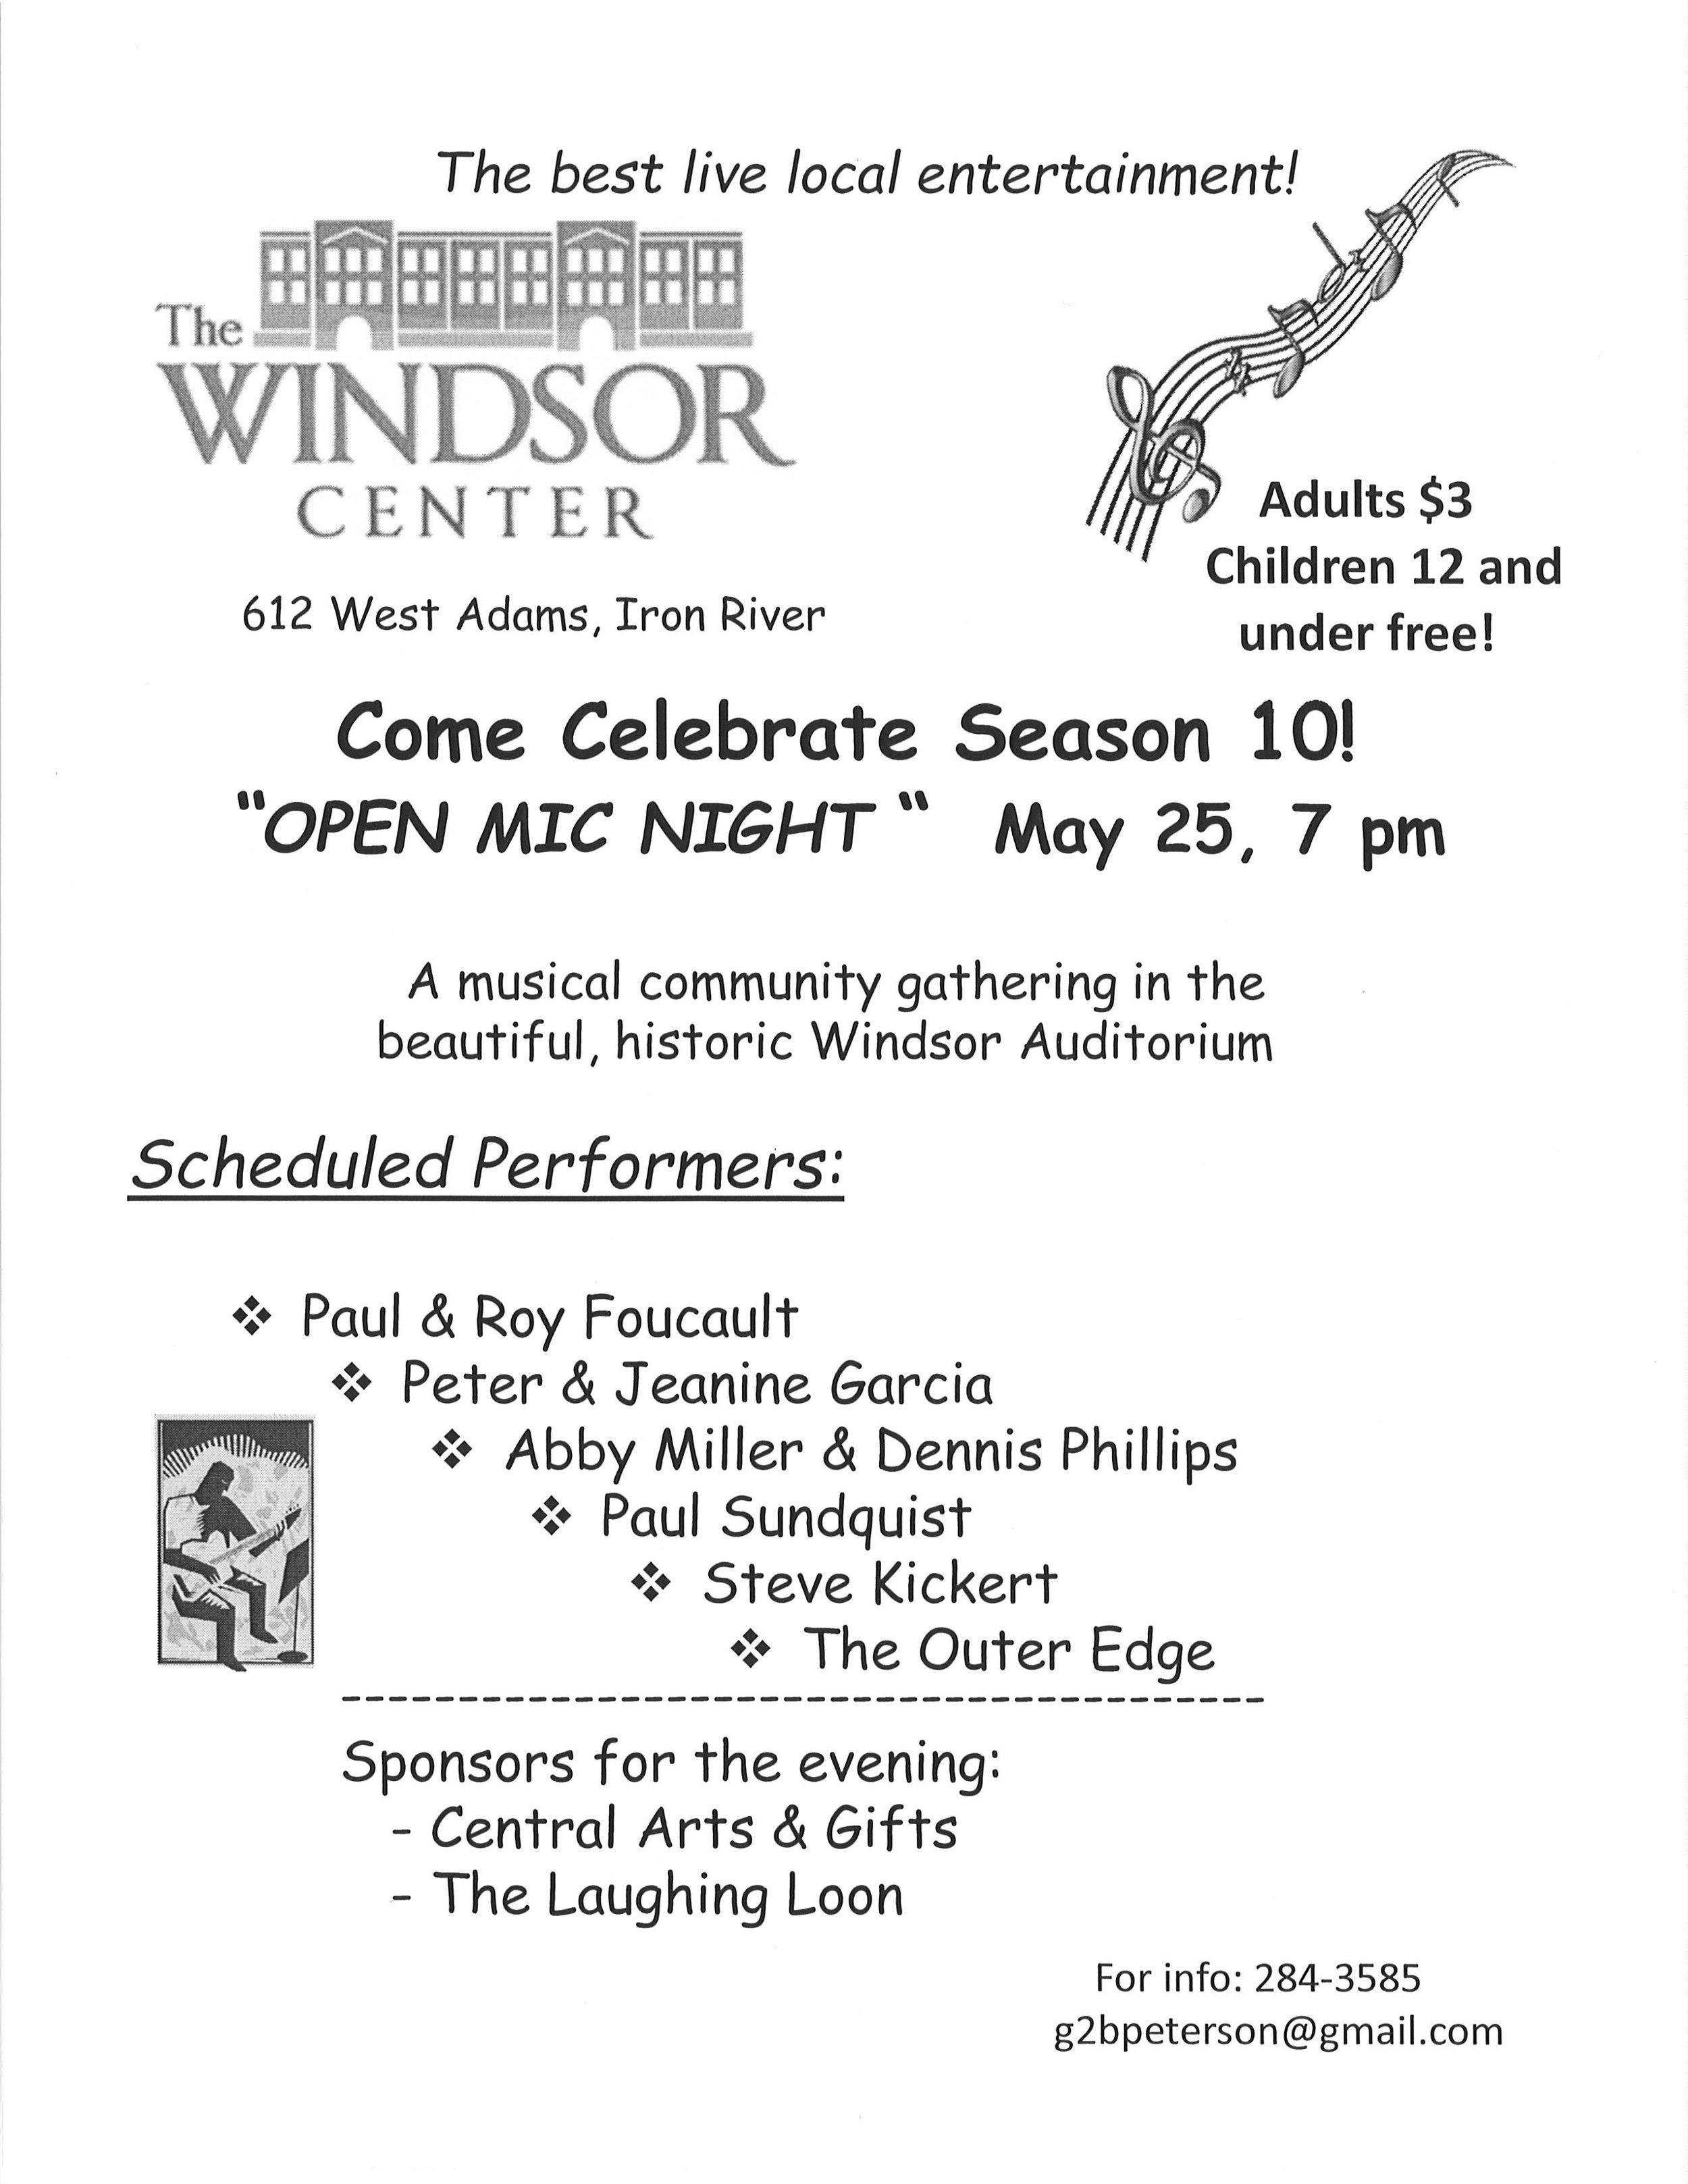 Open Mic Night Brochure.jpg